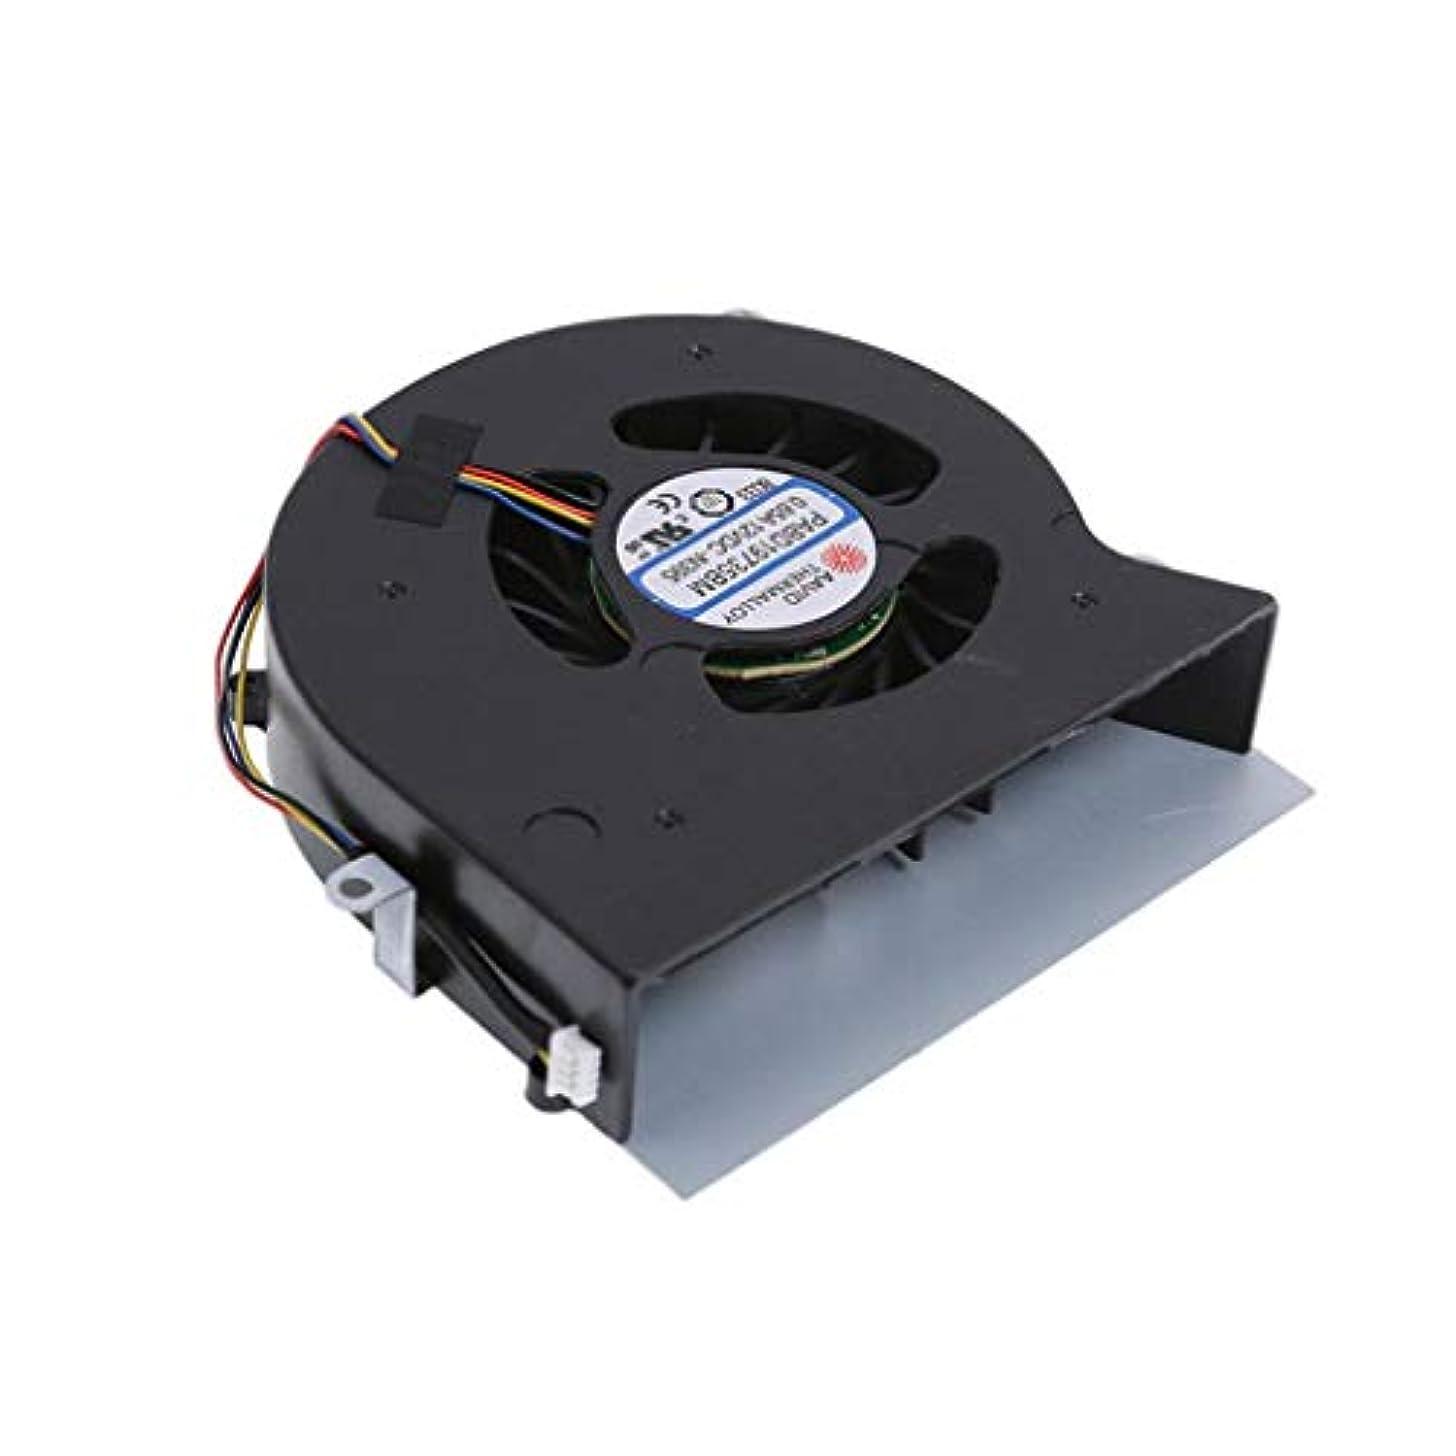 編集者ピカソ郵便物D DOLITY CPU冷却ファン 耐久性 交換部品 MSI GT62 GT62VR 16L1 16L2 16L3 S5 S6 取り付け簡単